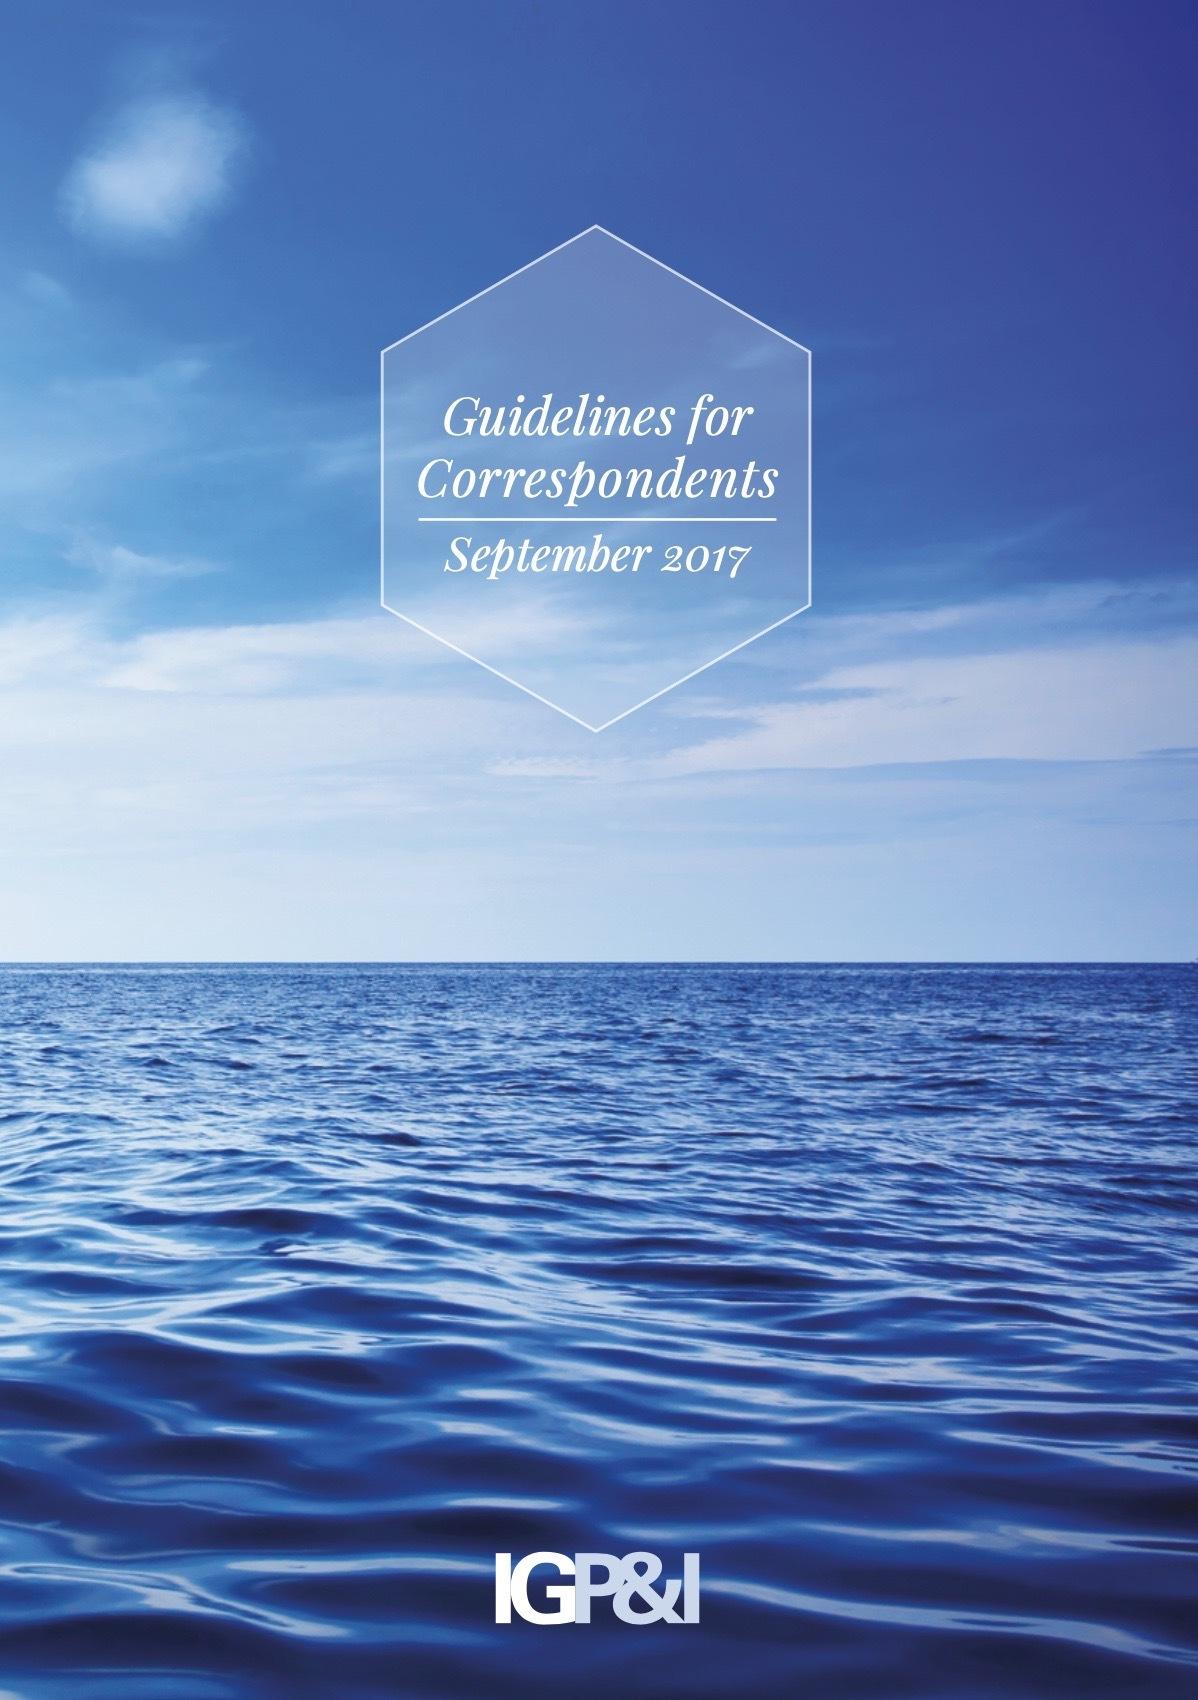 Correspondents-guidelines-(1)